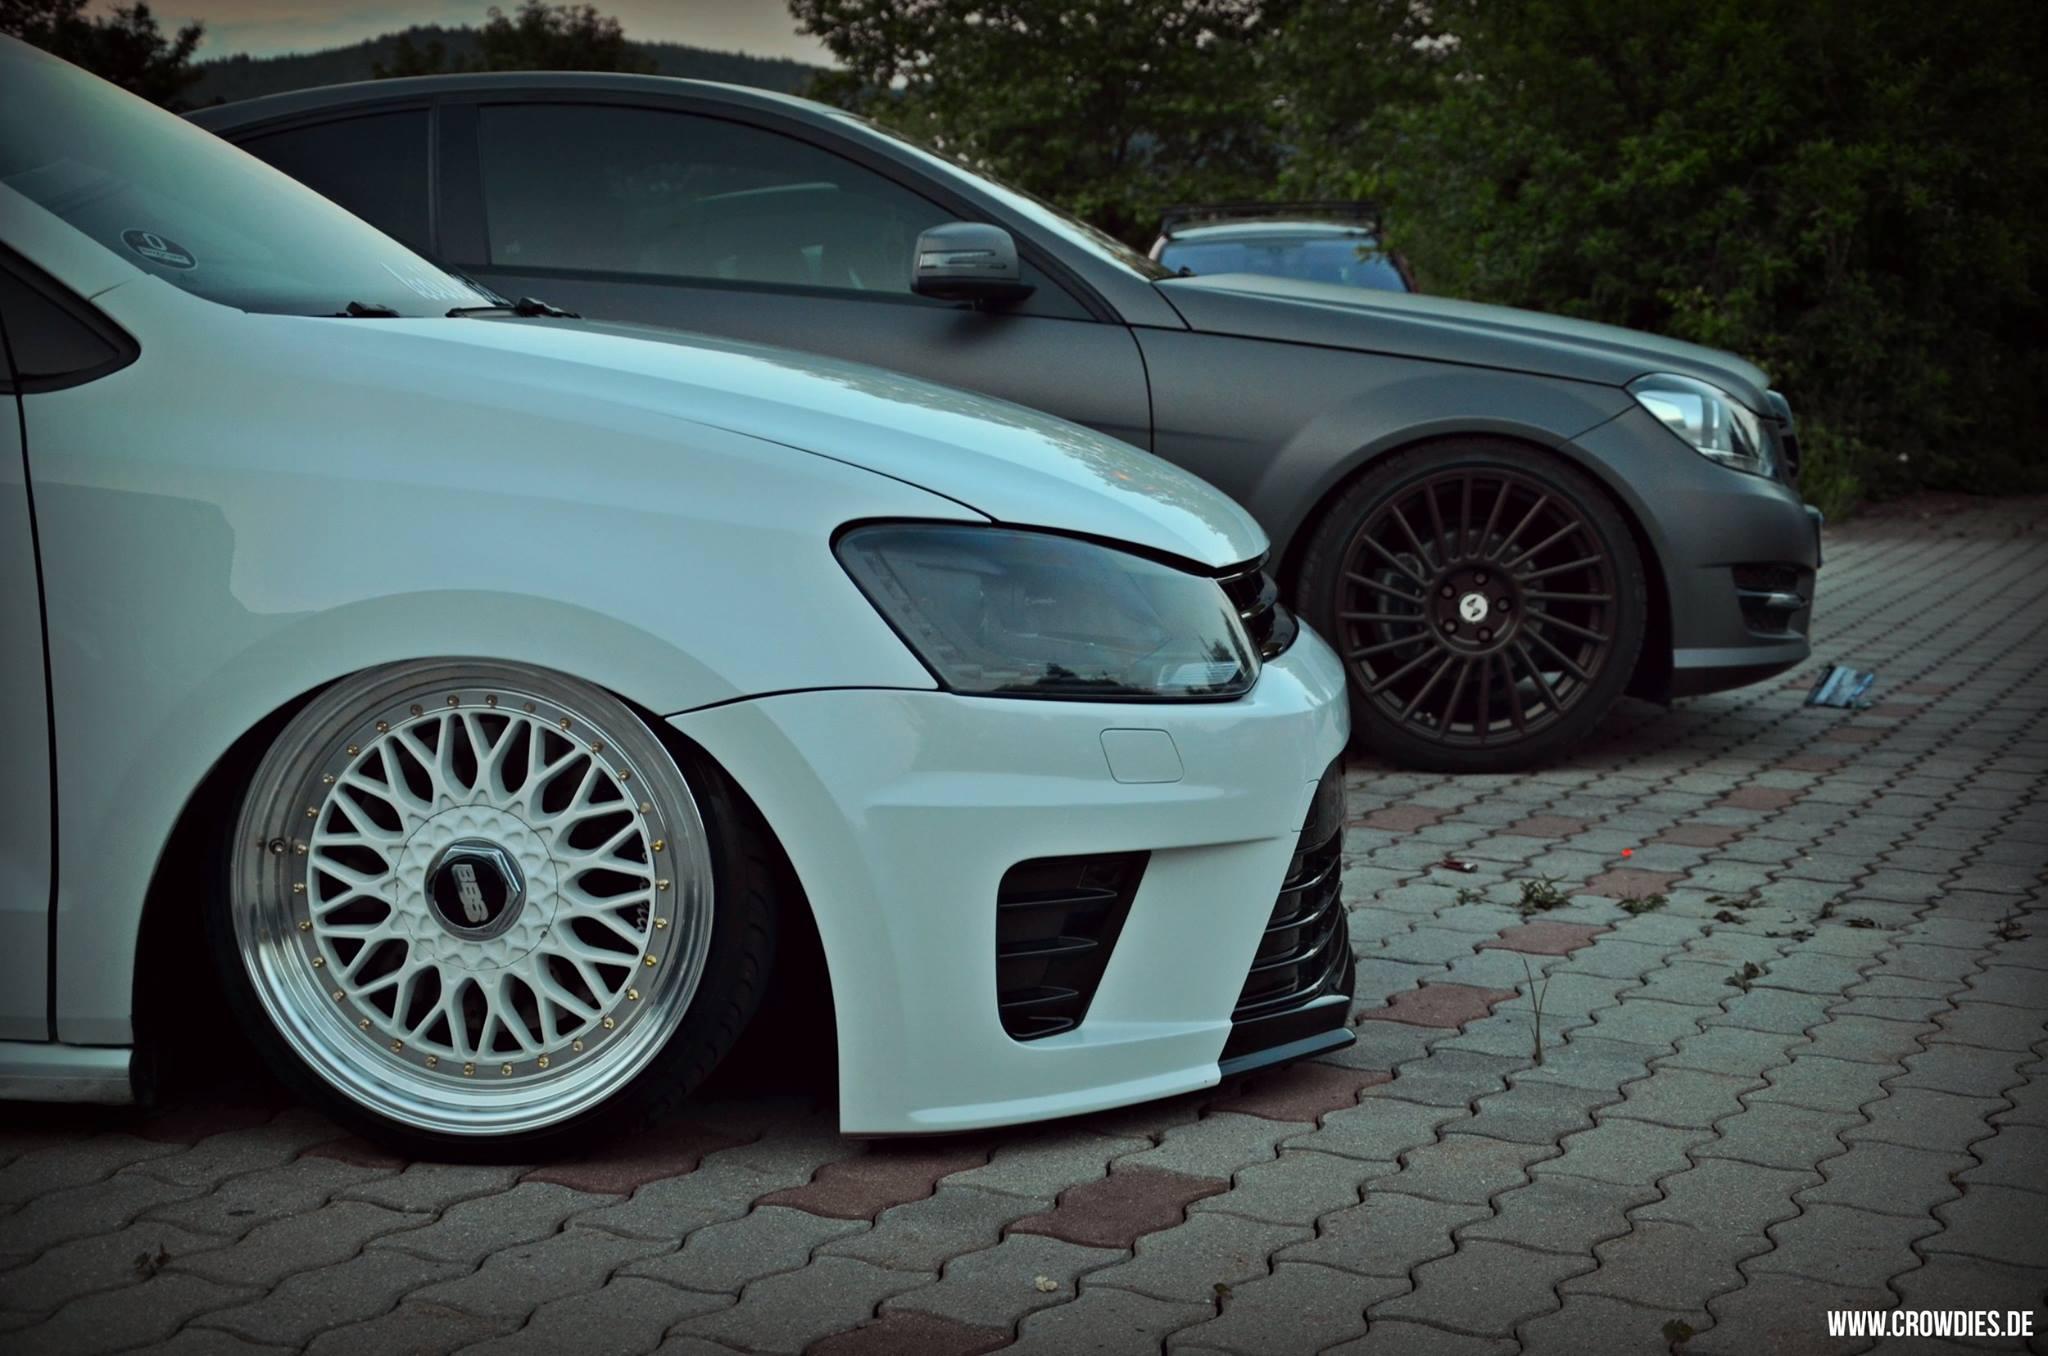 2.0 JETZT ERST RECHT - VW Polo WRC